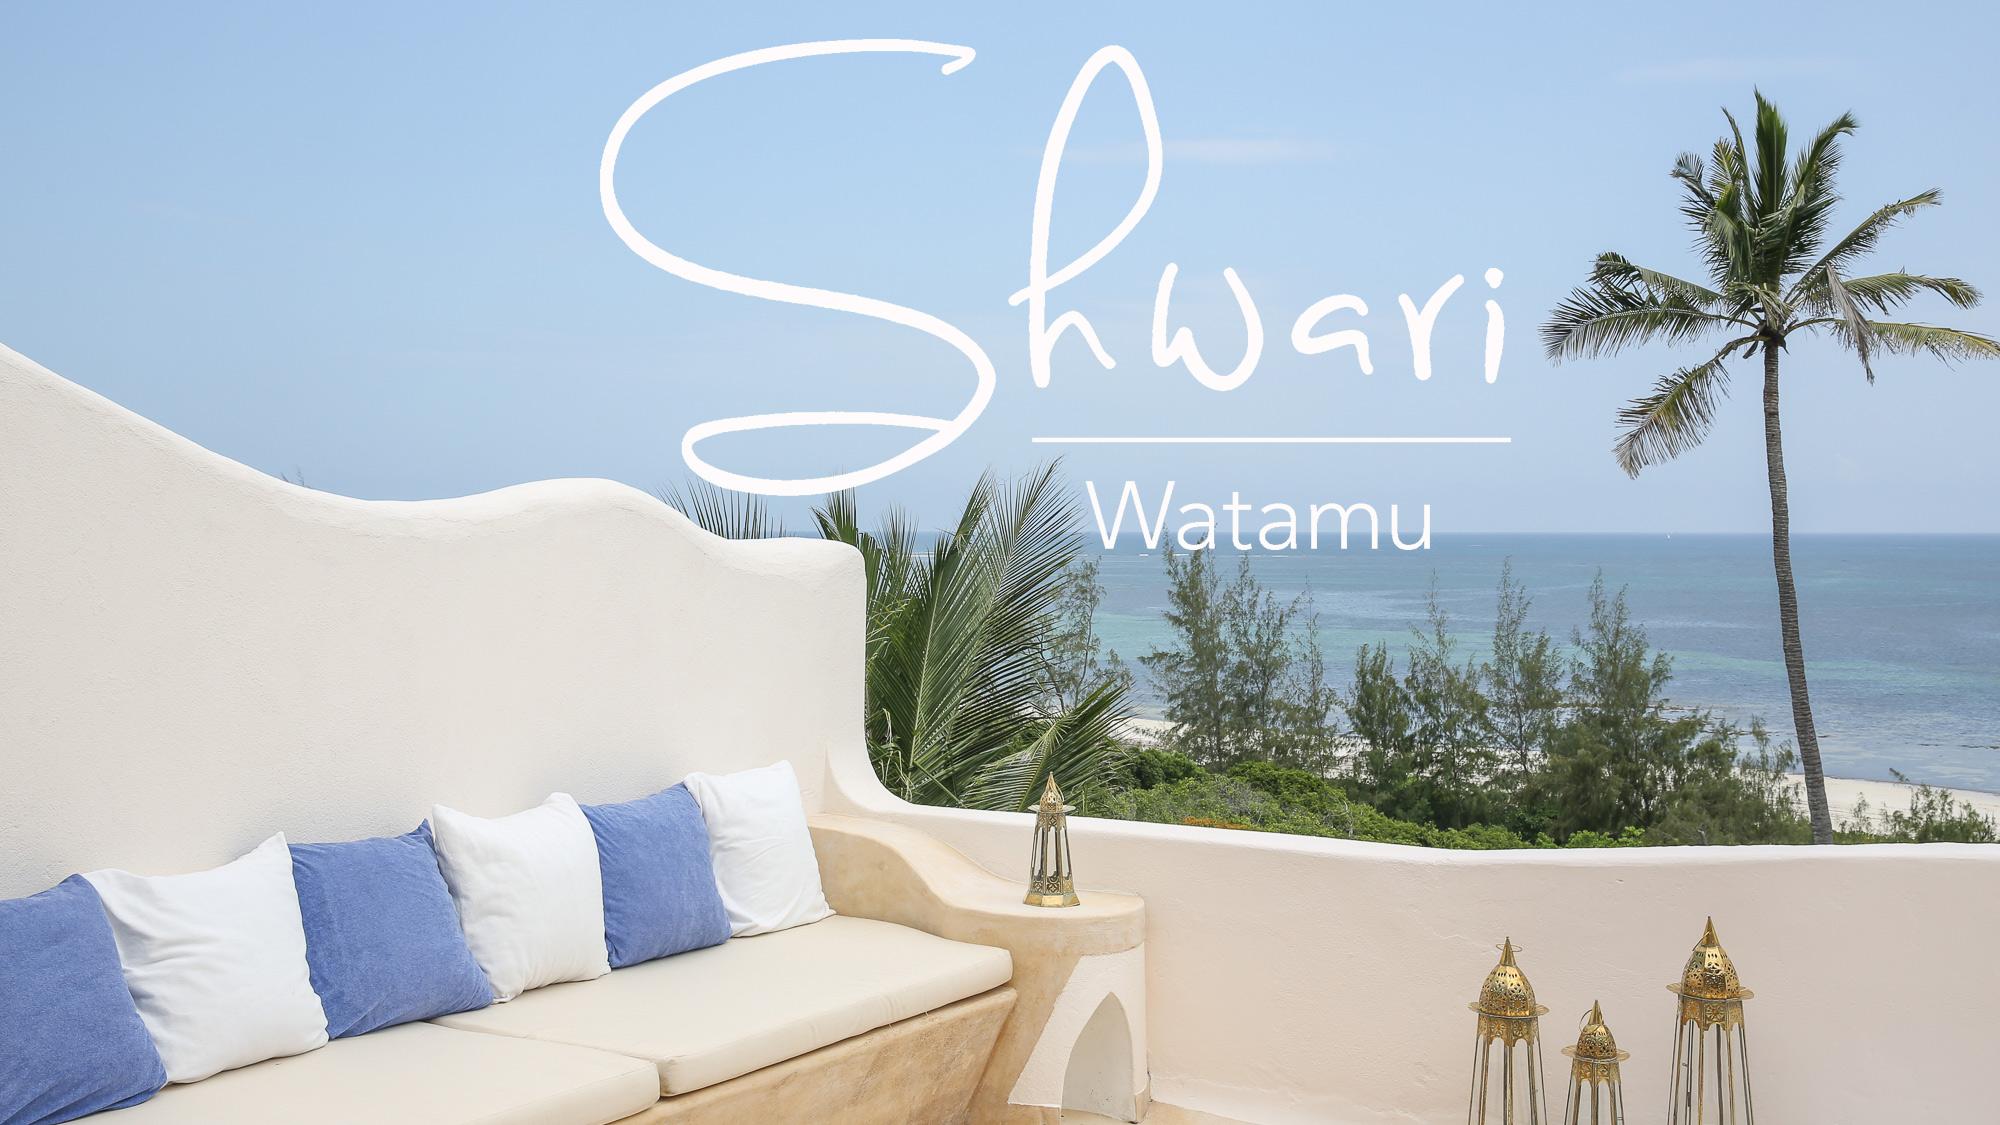 Shwari | Watamu | Kenya